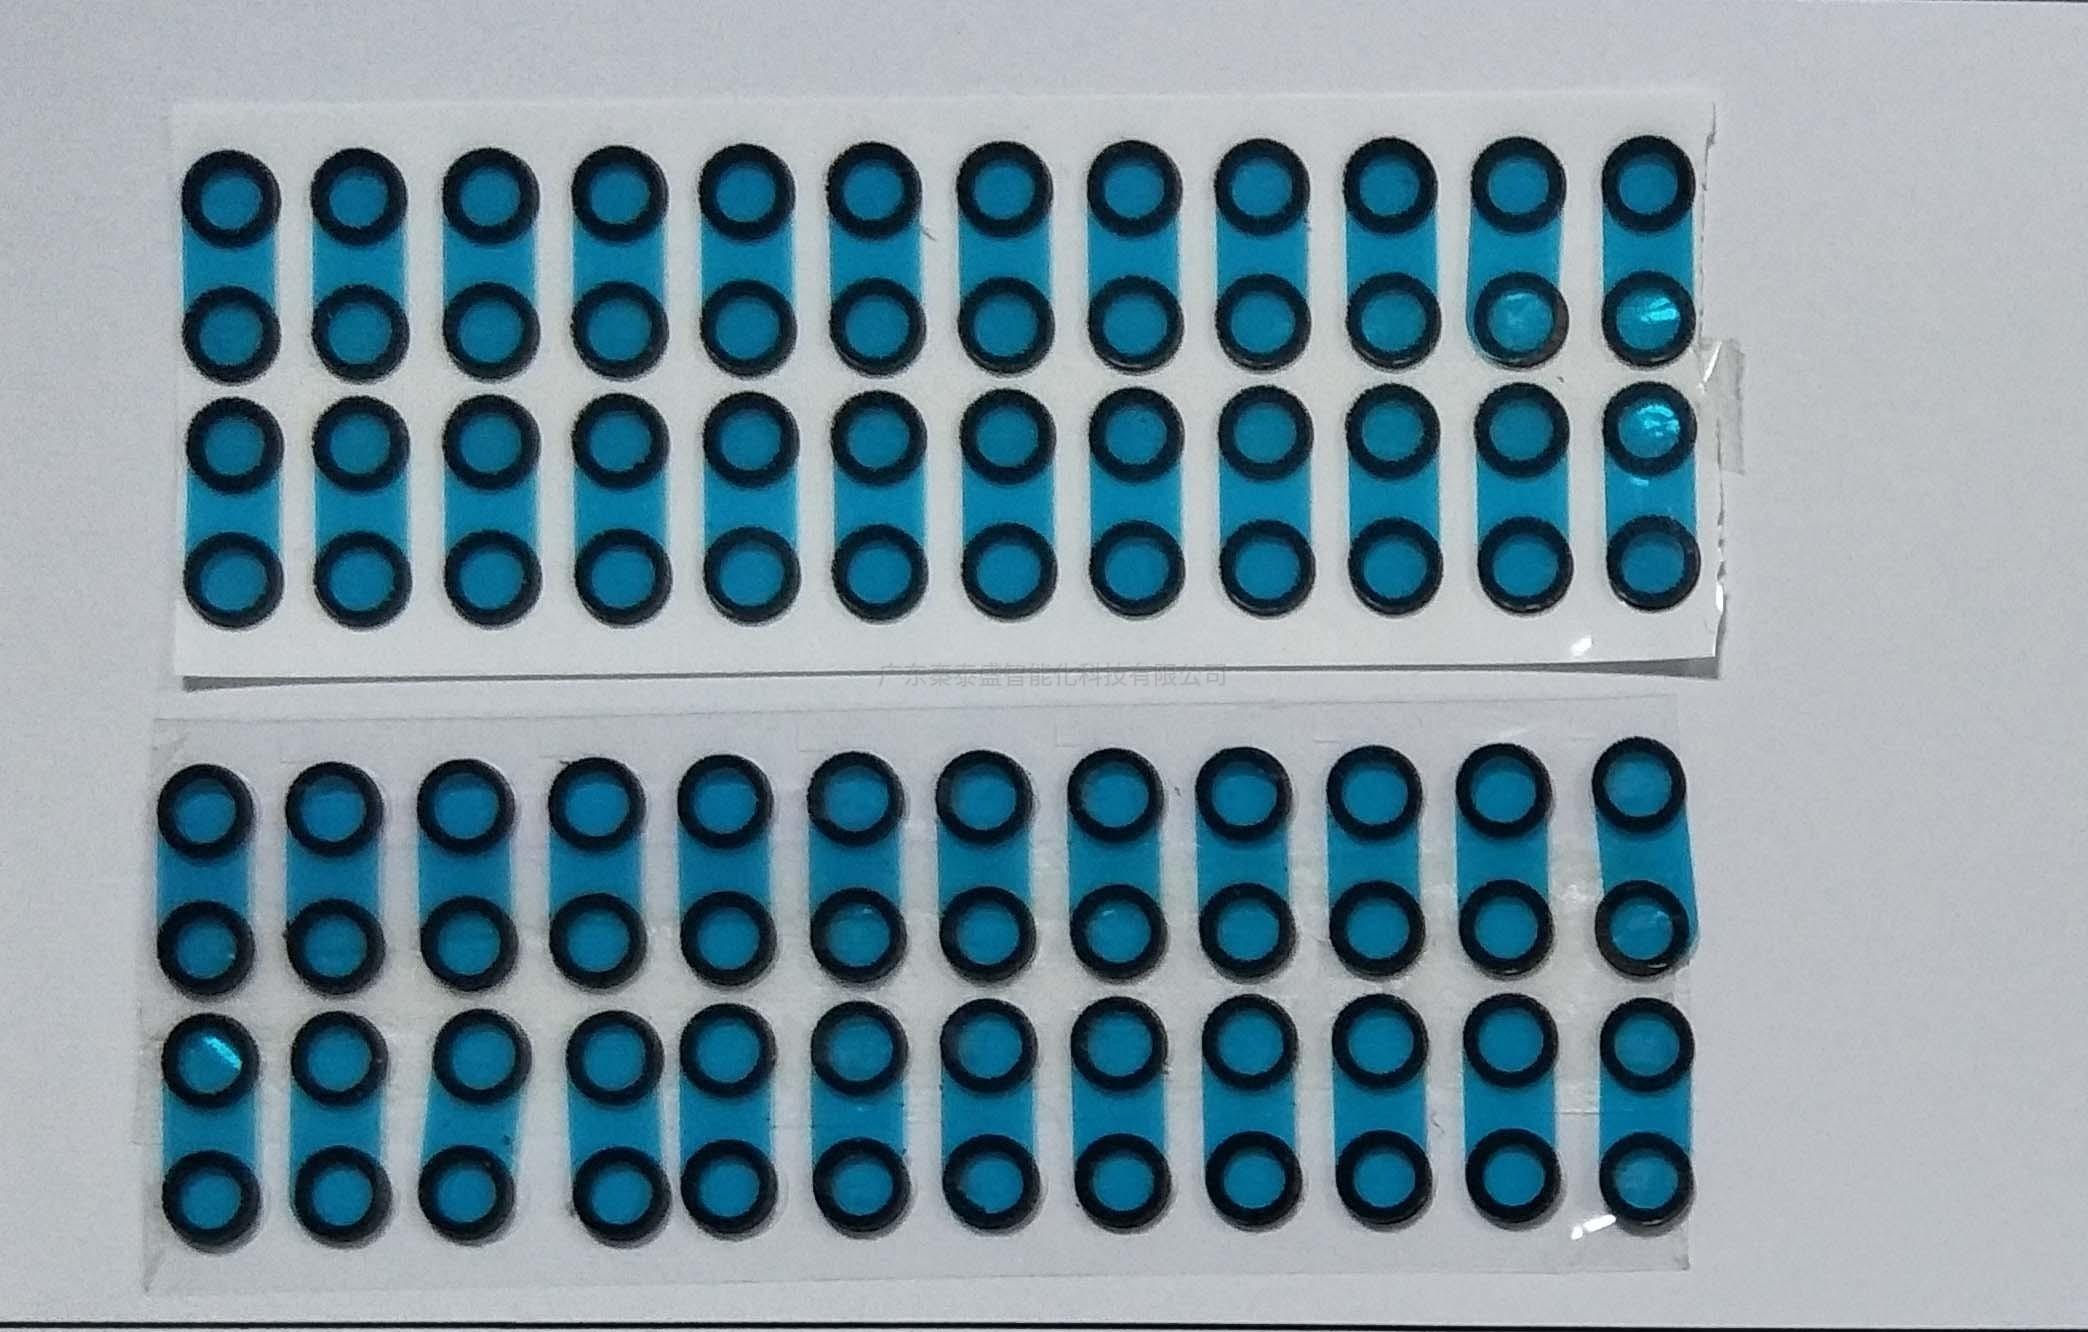 不干胶贴标机技术性持续的提升迭代更新